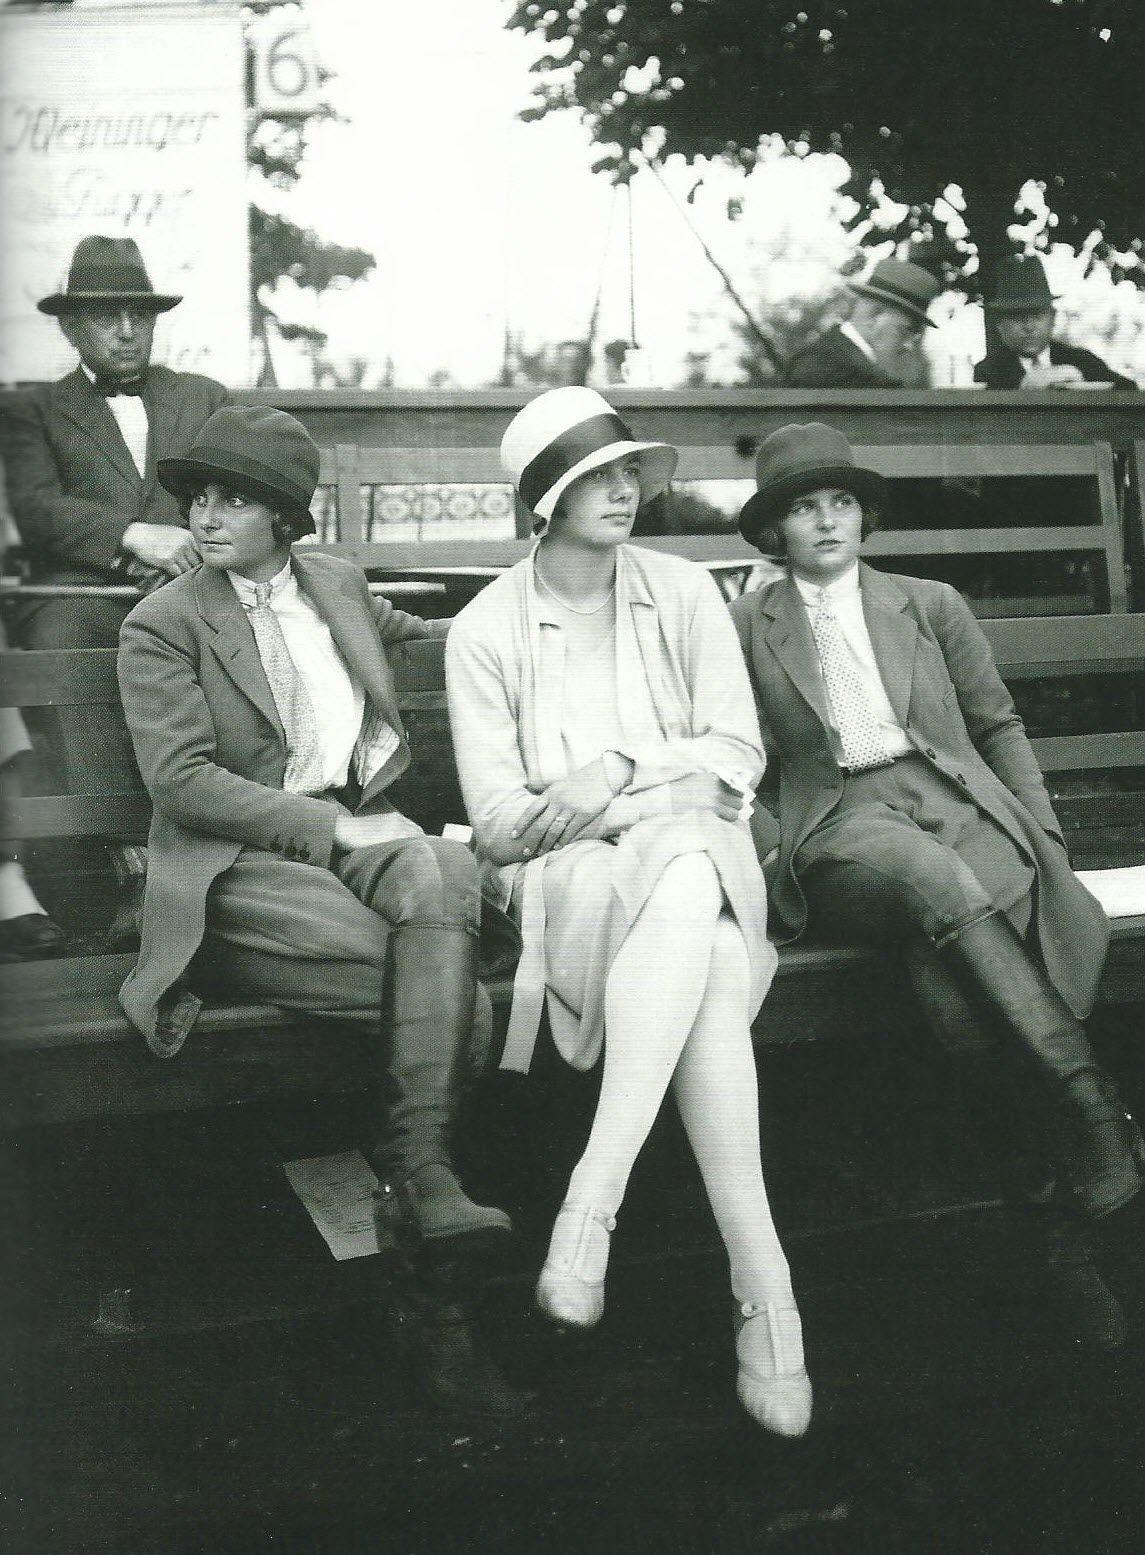 Source Pinterest, Gary Moon | Berlin 1928, at a polo tournament, scan from: Berlin die 20er Jahre, Christian Brandstätter Verlag